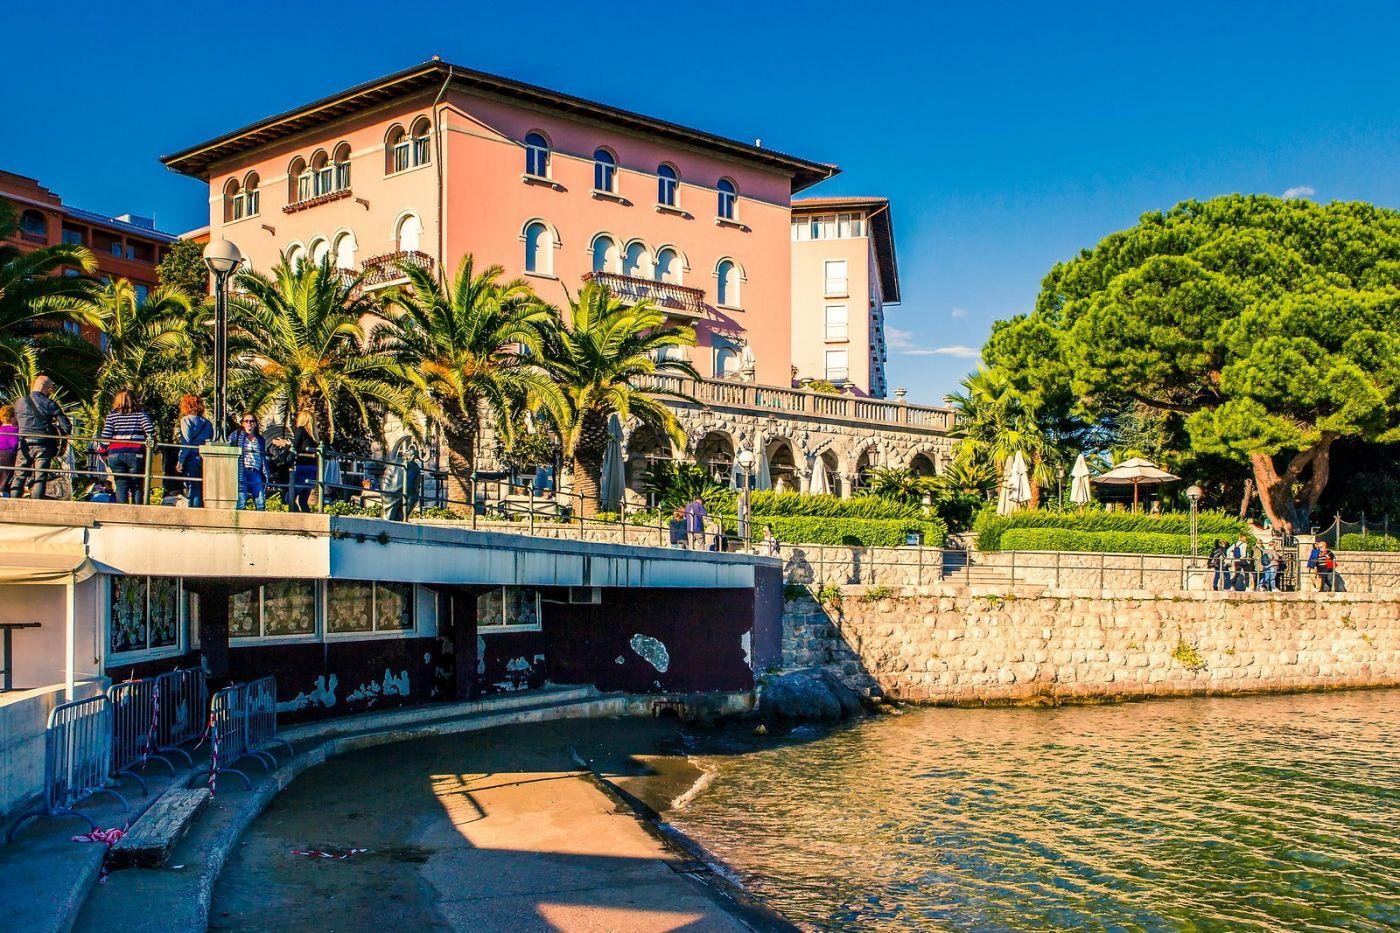 克罗地亚奥帕蒂亚(Opatija),洒满阳光的海滨城市_图1-12